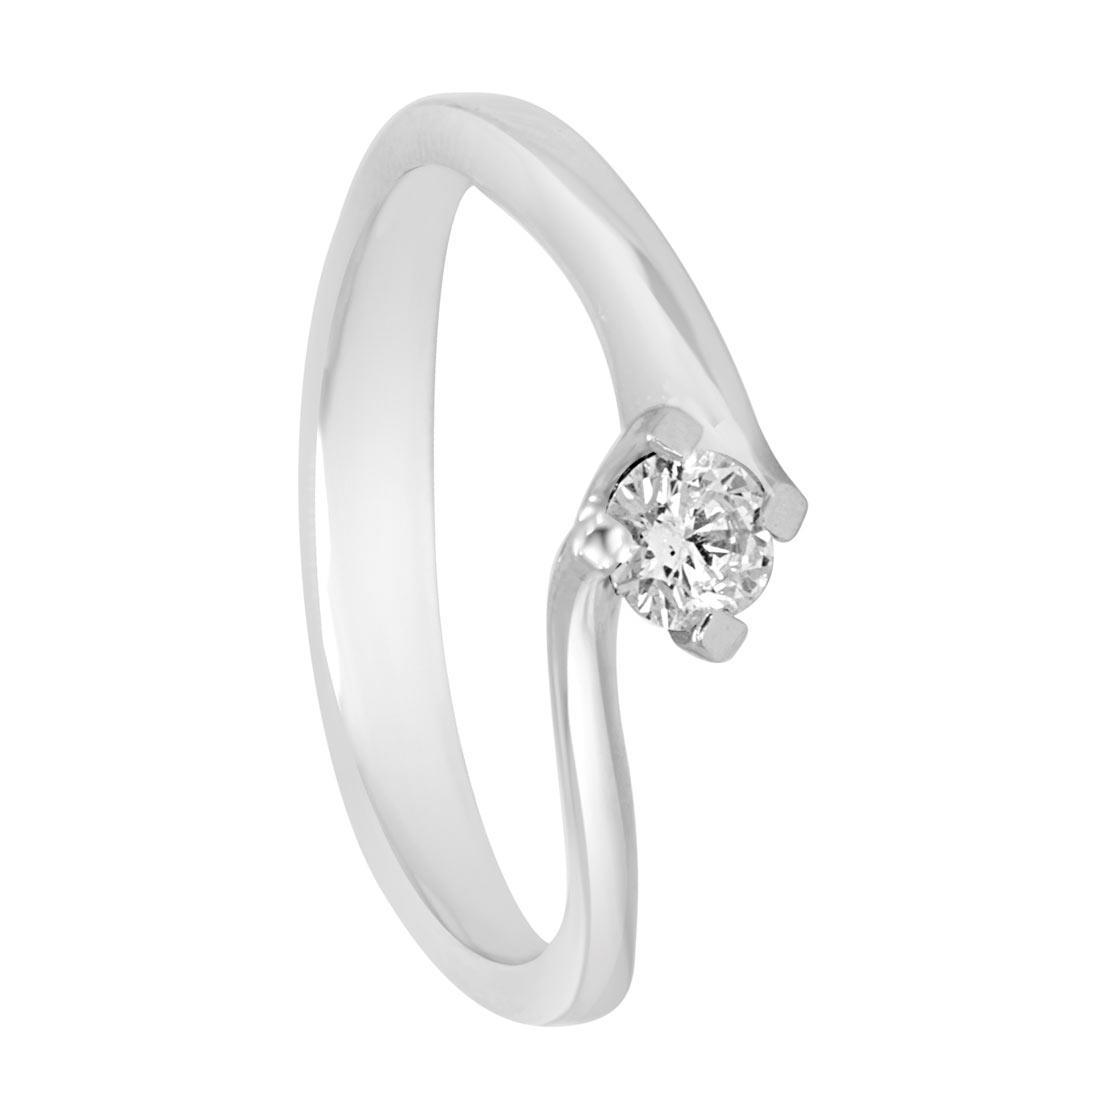 Anello in oro bianco con diamante ct 0.25 misura 15 - ORO&CO